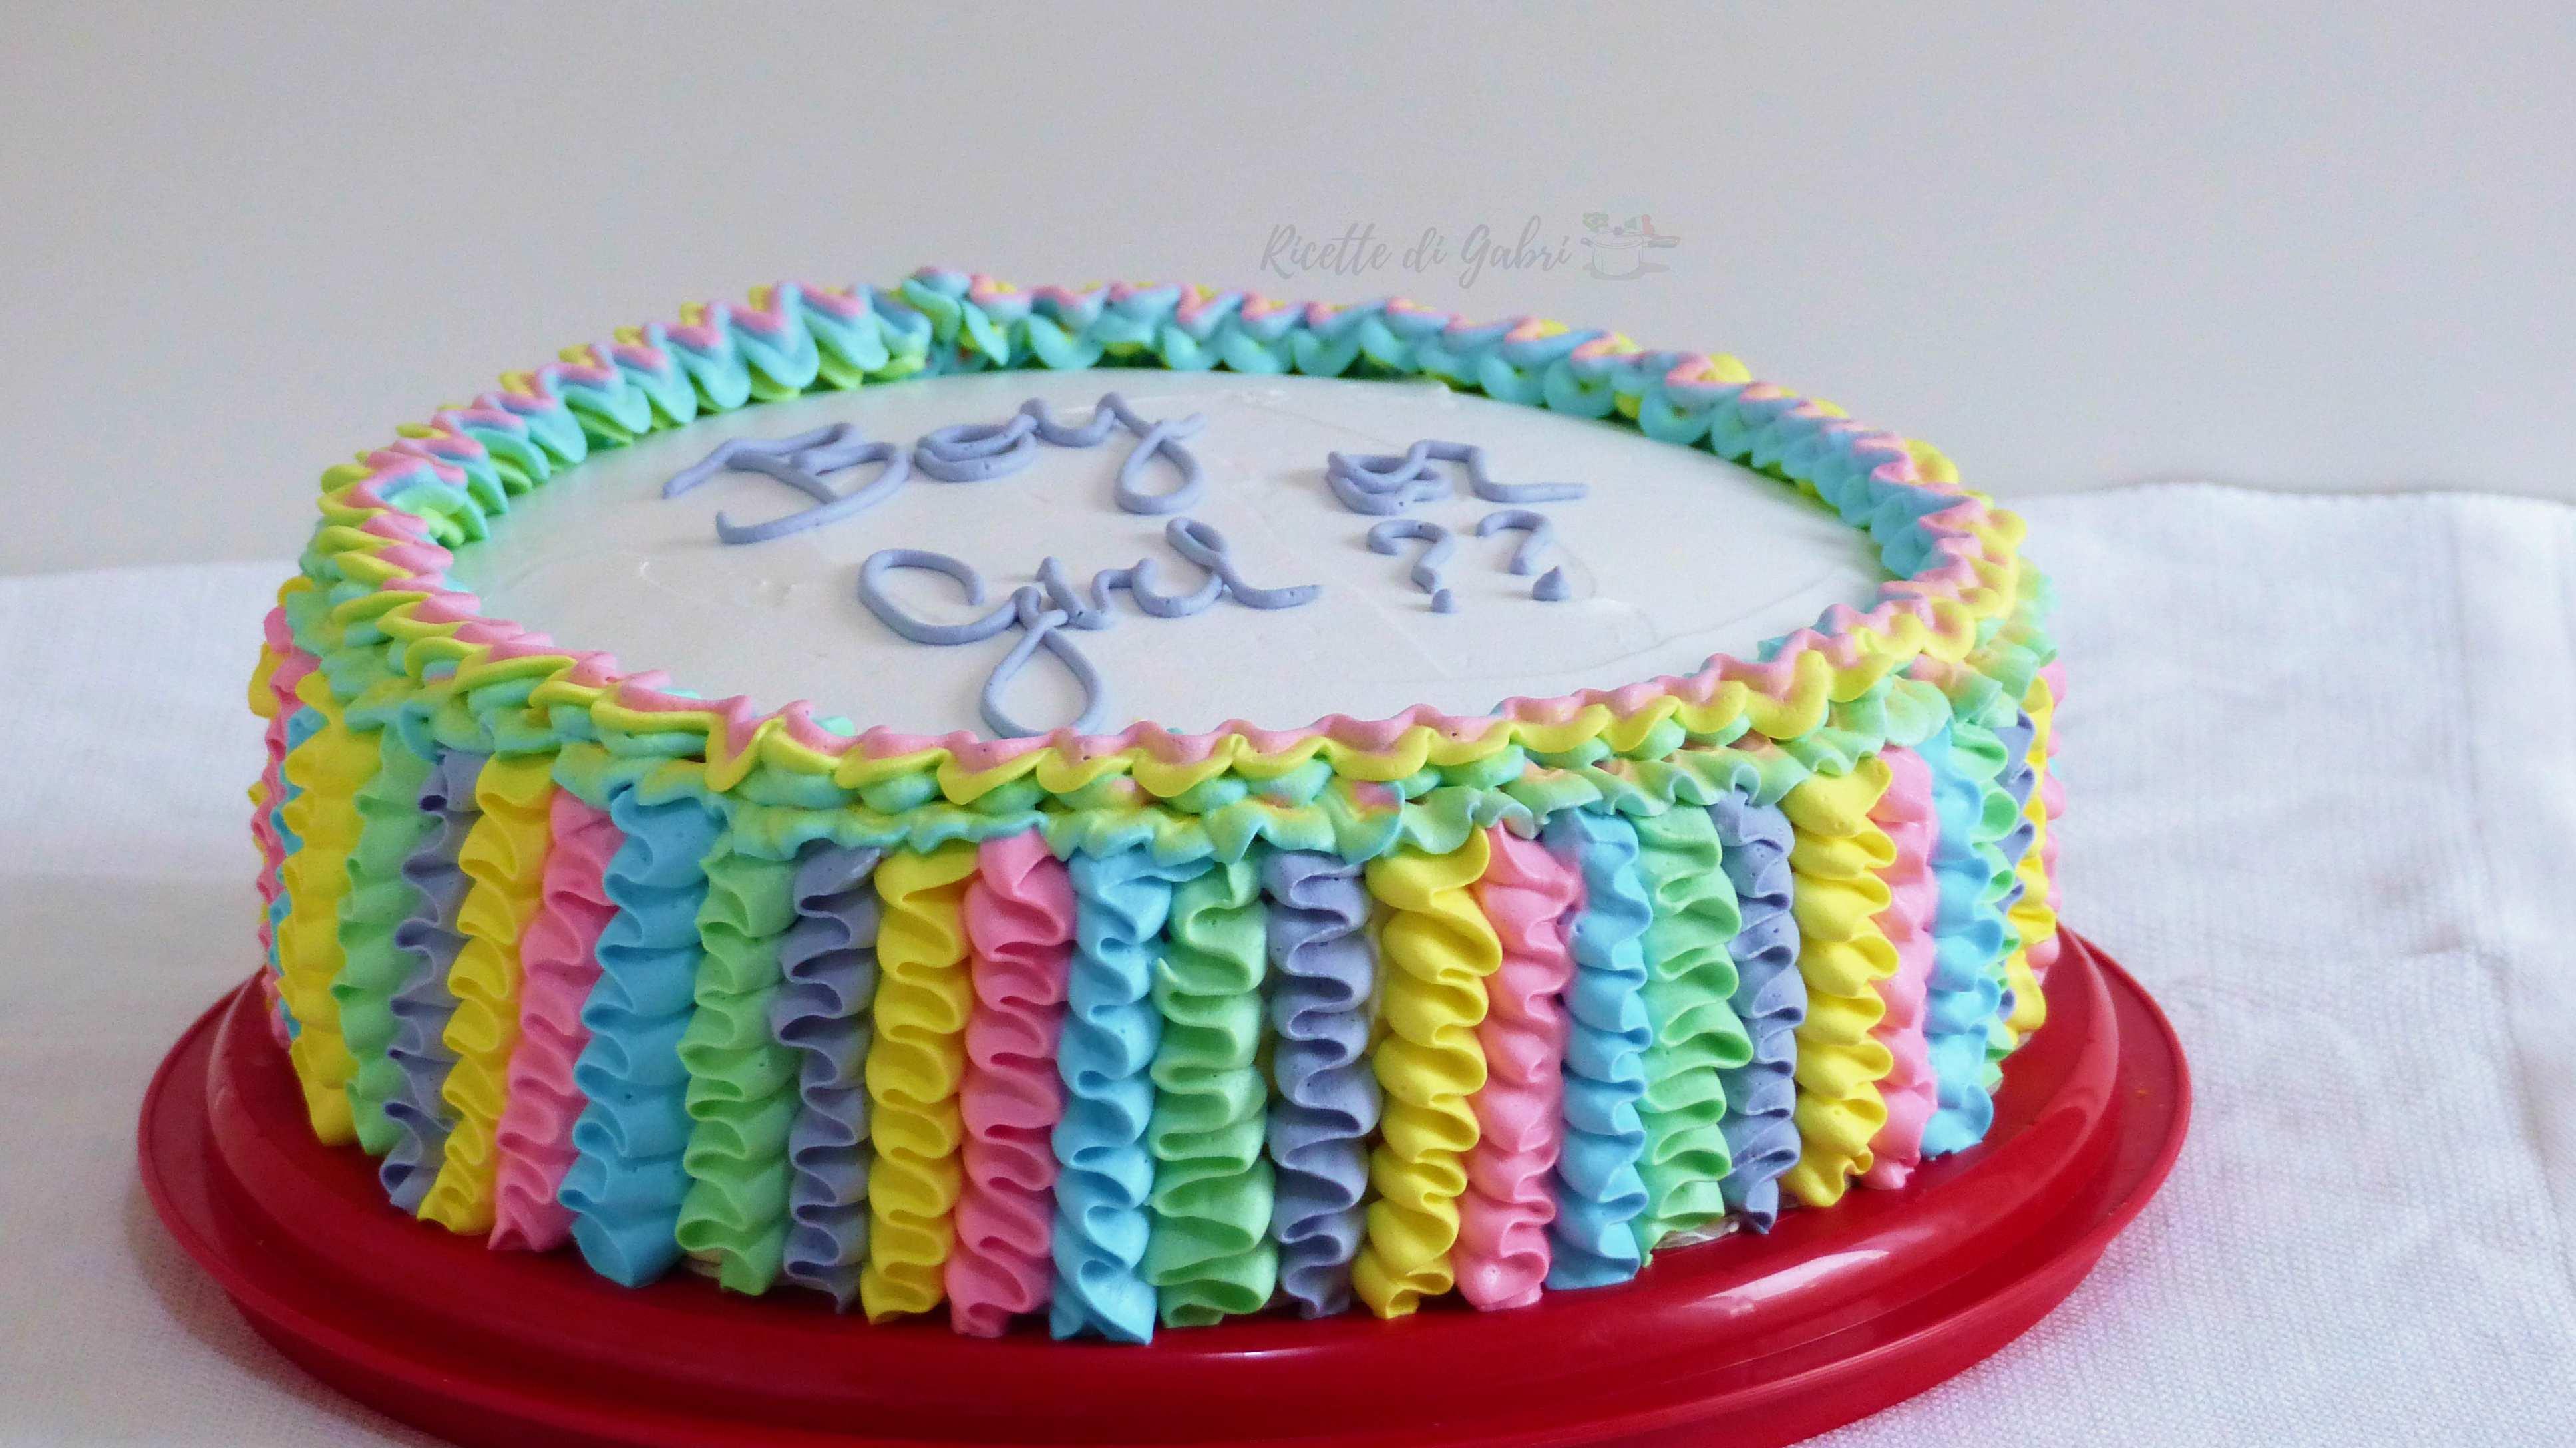 Torta Compleanno Bambini Fatta In Casa.Torta Arcobaleno Ruffle Cake Come Decorare Una Torta Con La Panna